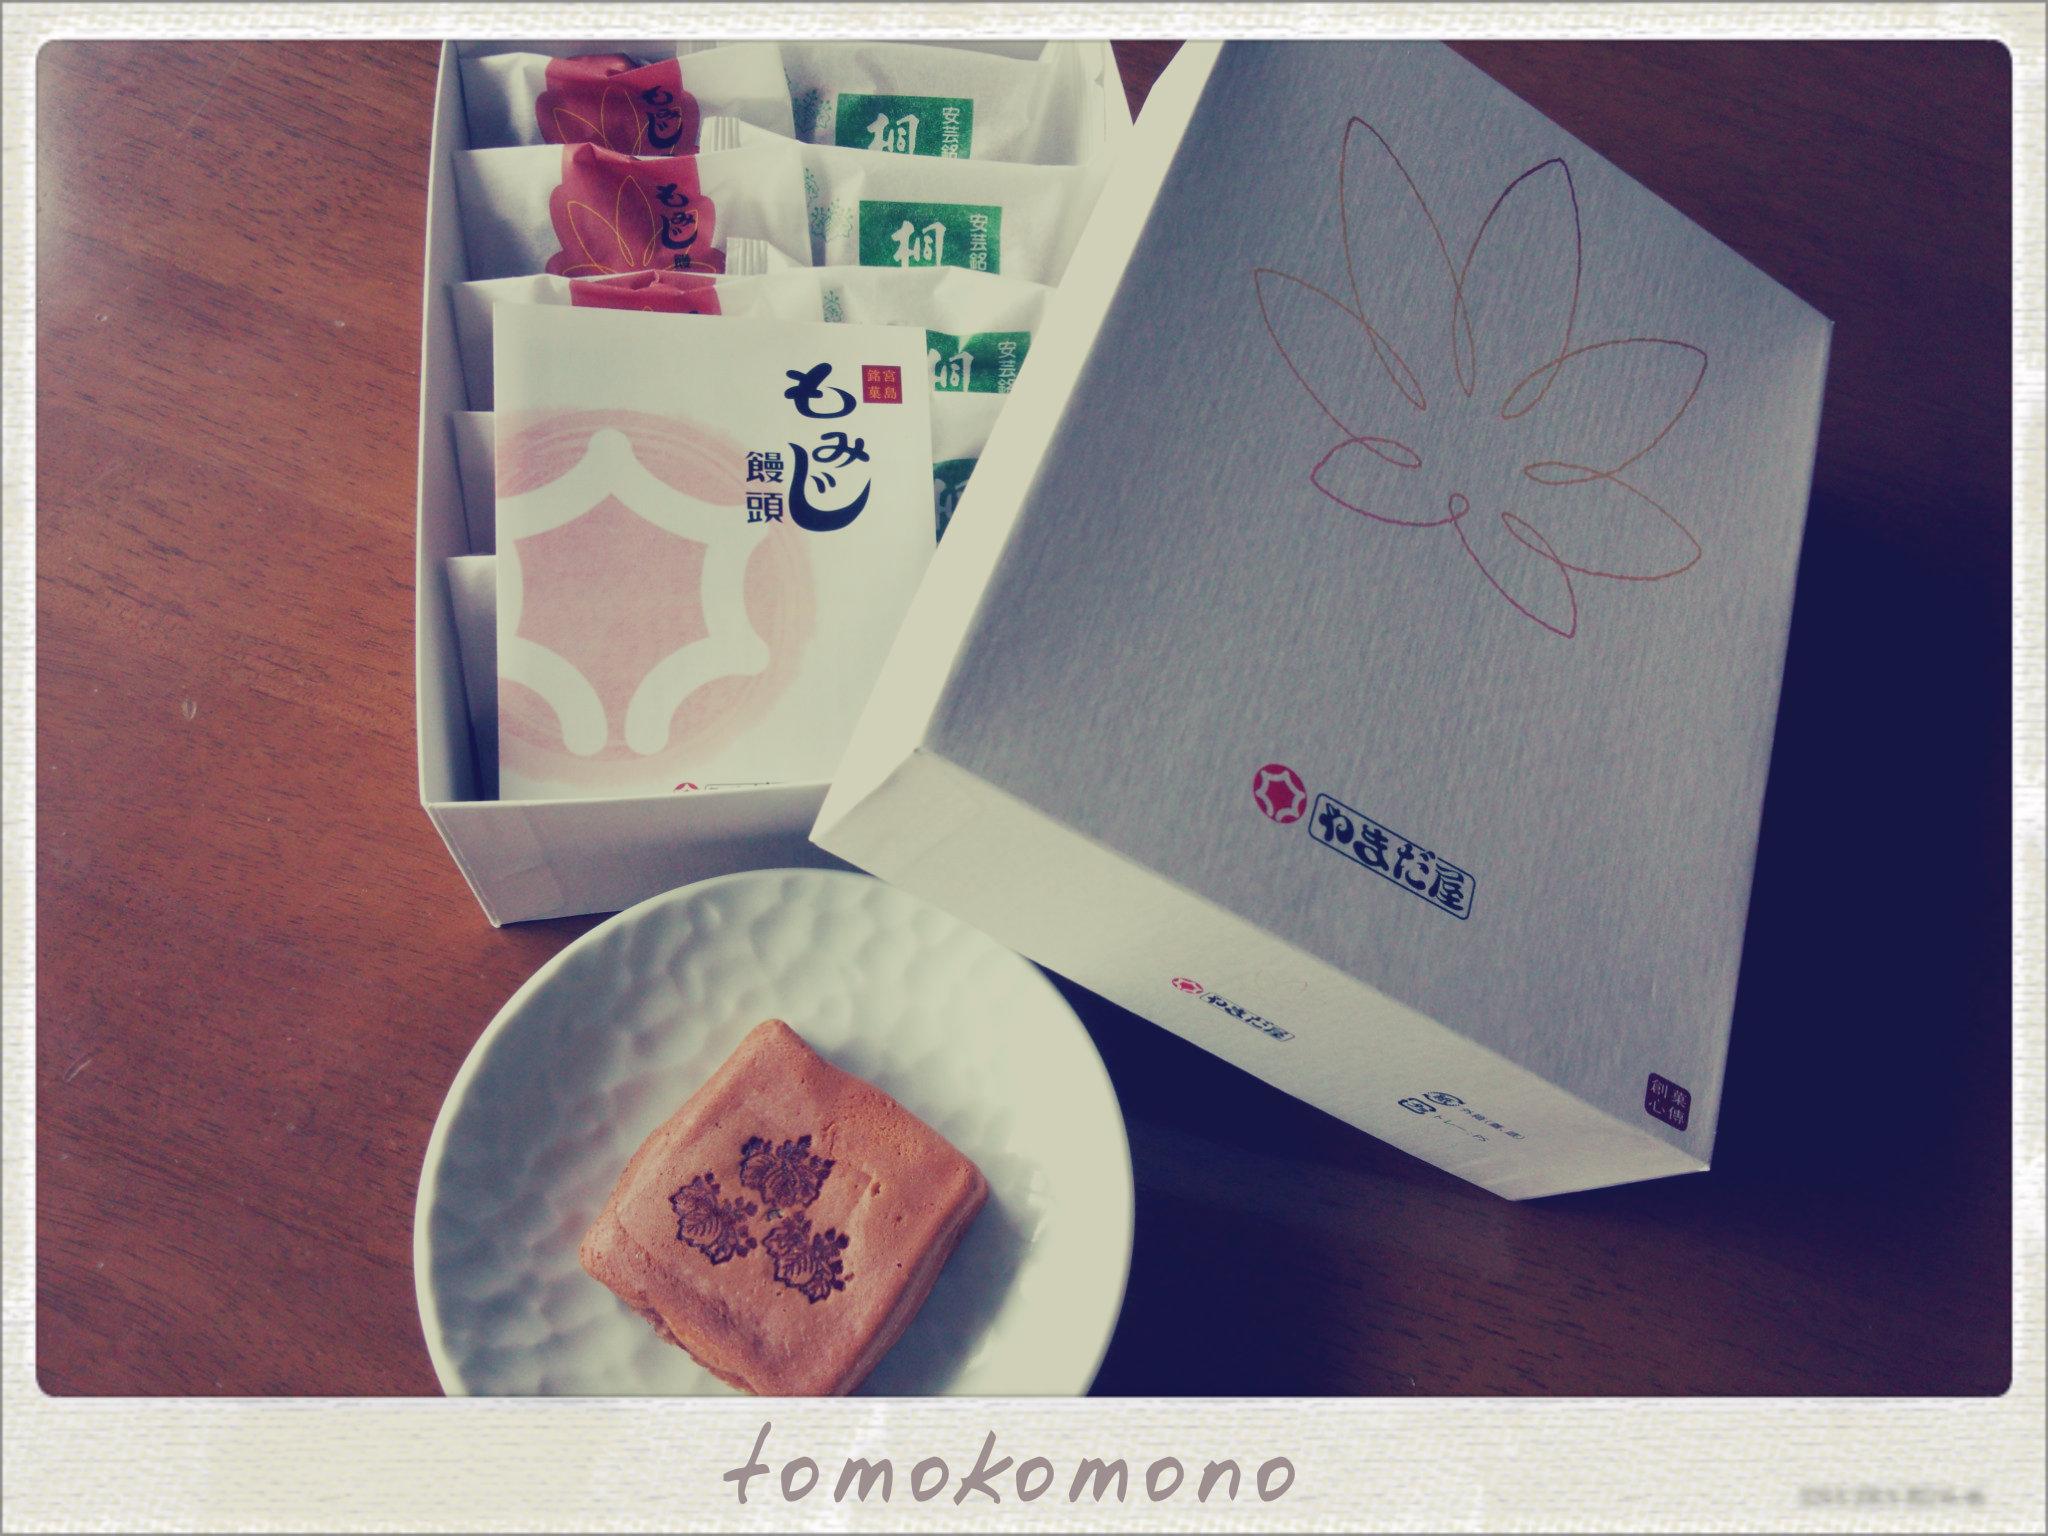 桐葉菓がもちもちで美味しい!広島土産をおいしくいただきました。